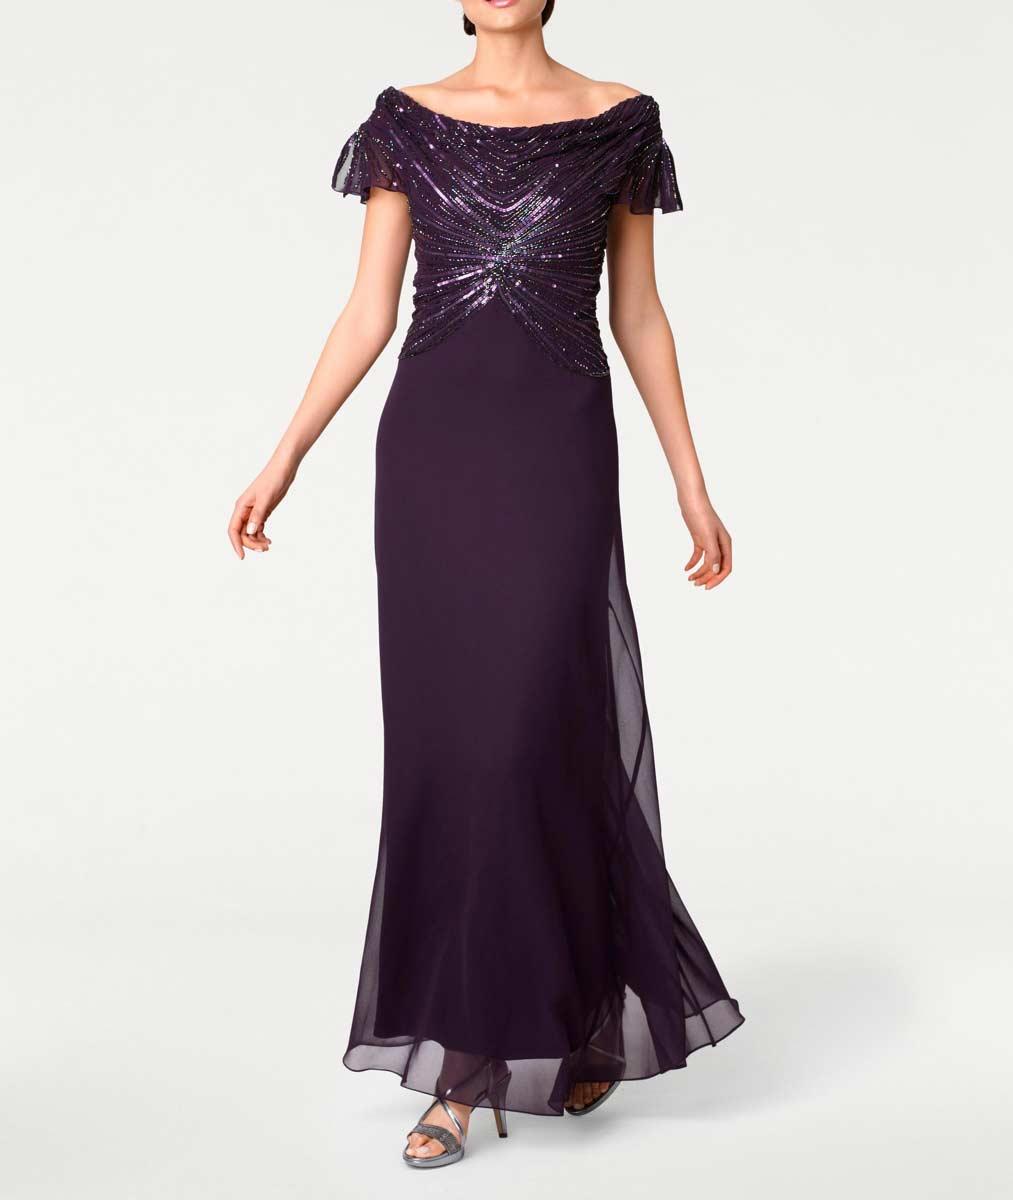 Festmoden Ashley Brooke Abendkleid lang, pflaume 051.773 051.773 Missforty